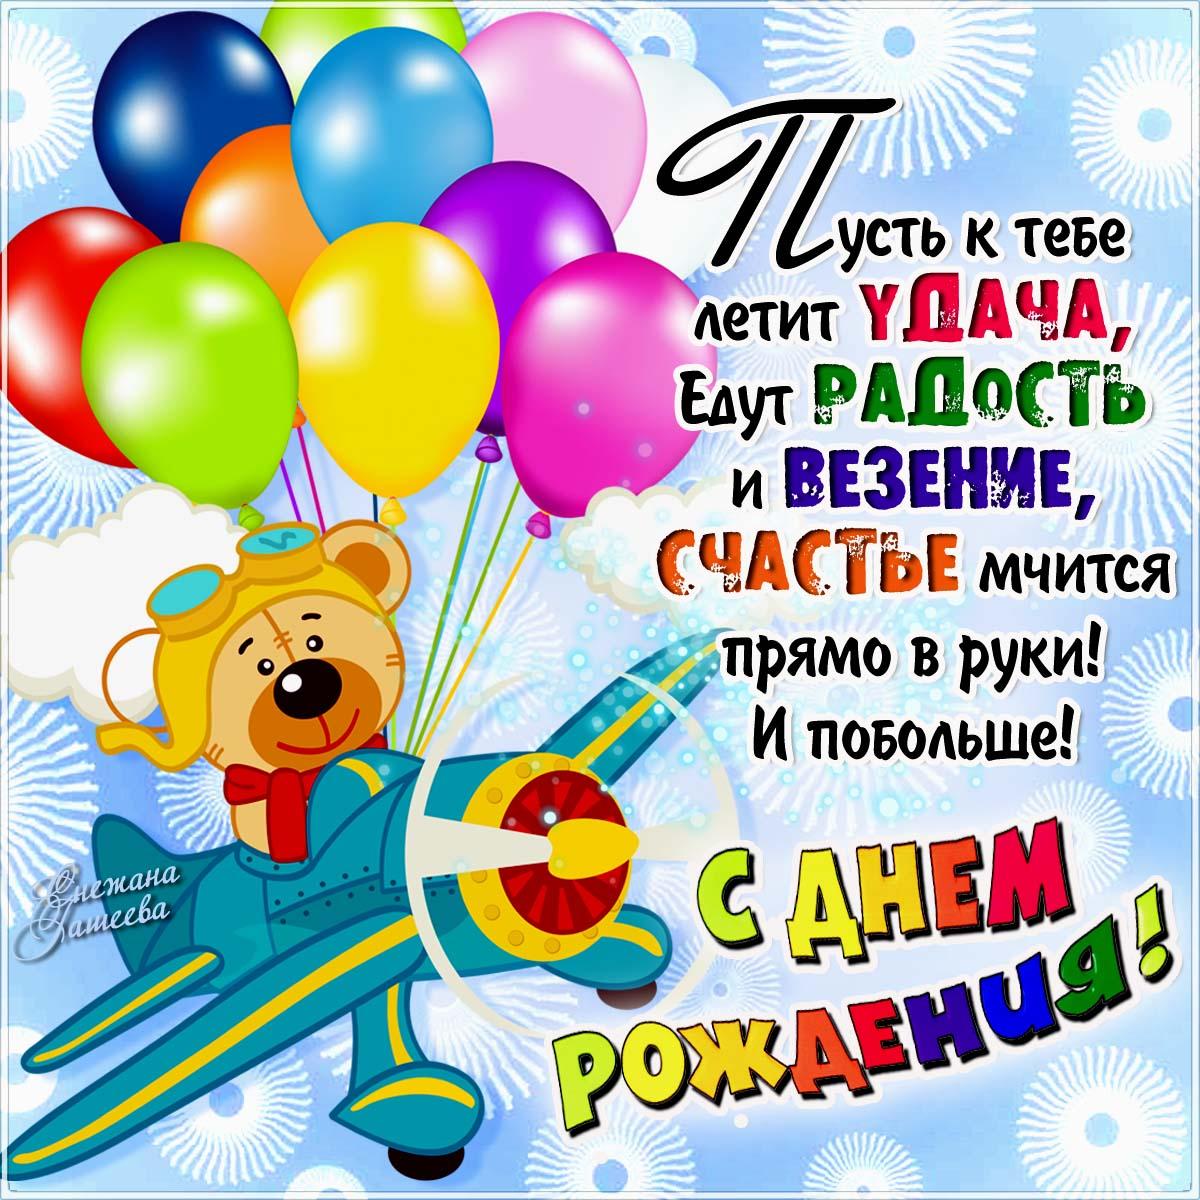 Поздравления рому с днем рождения